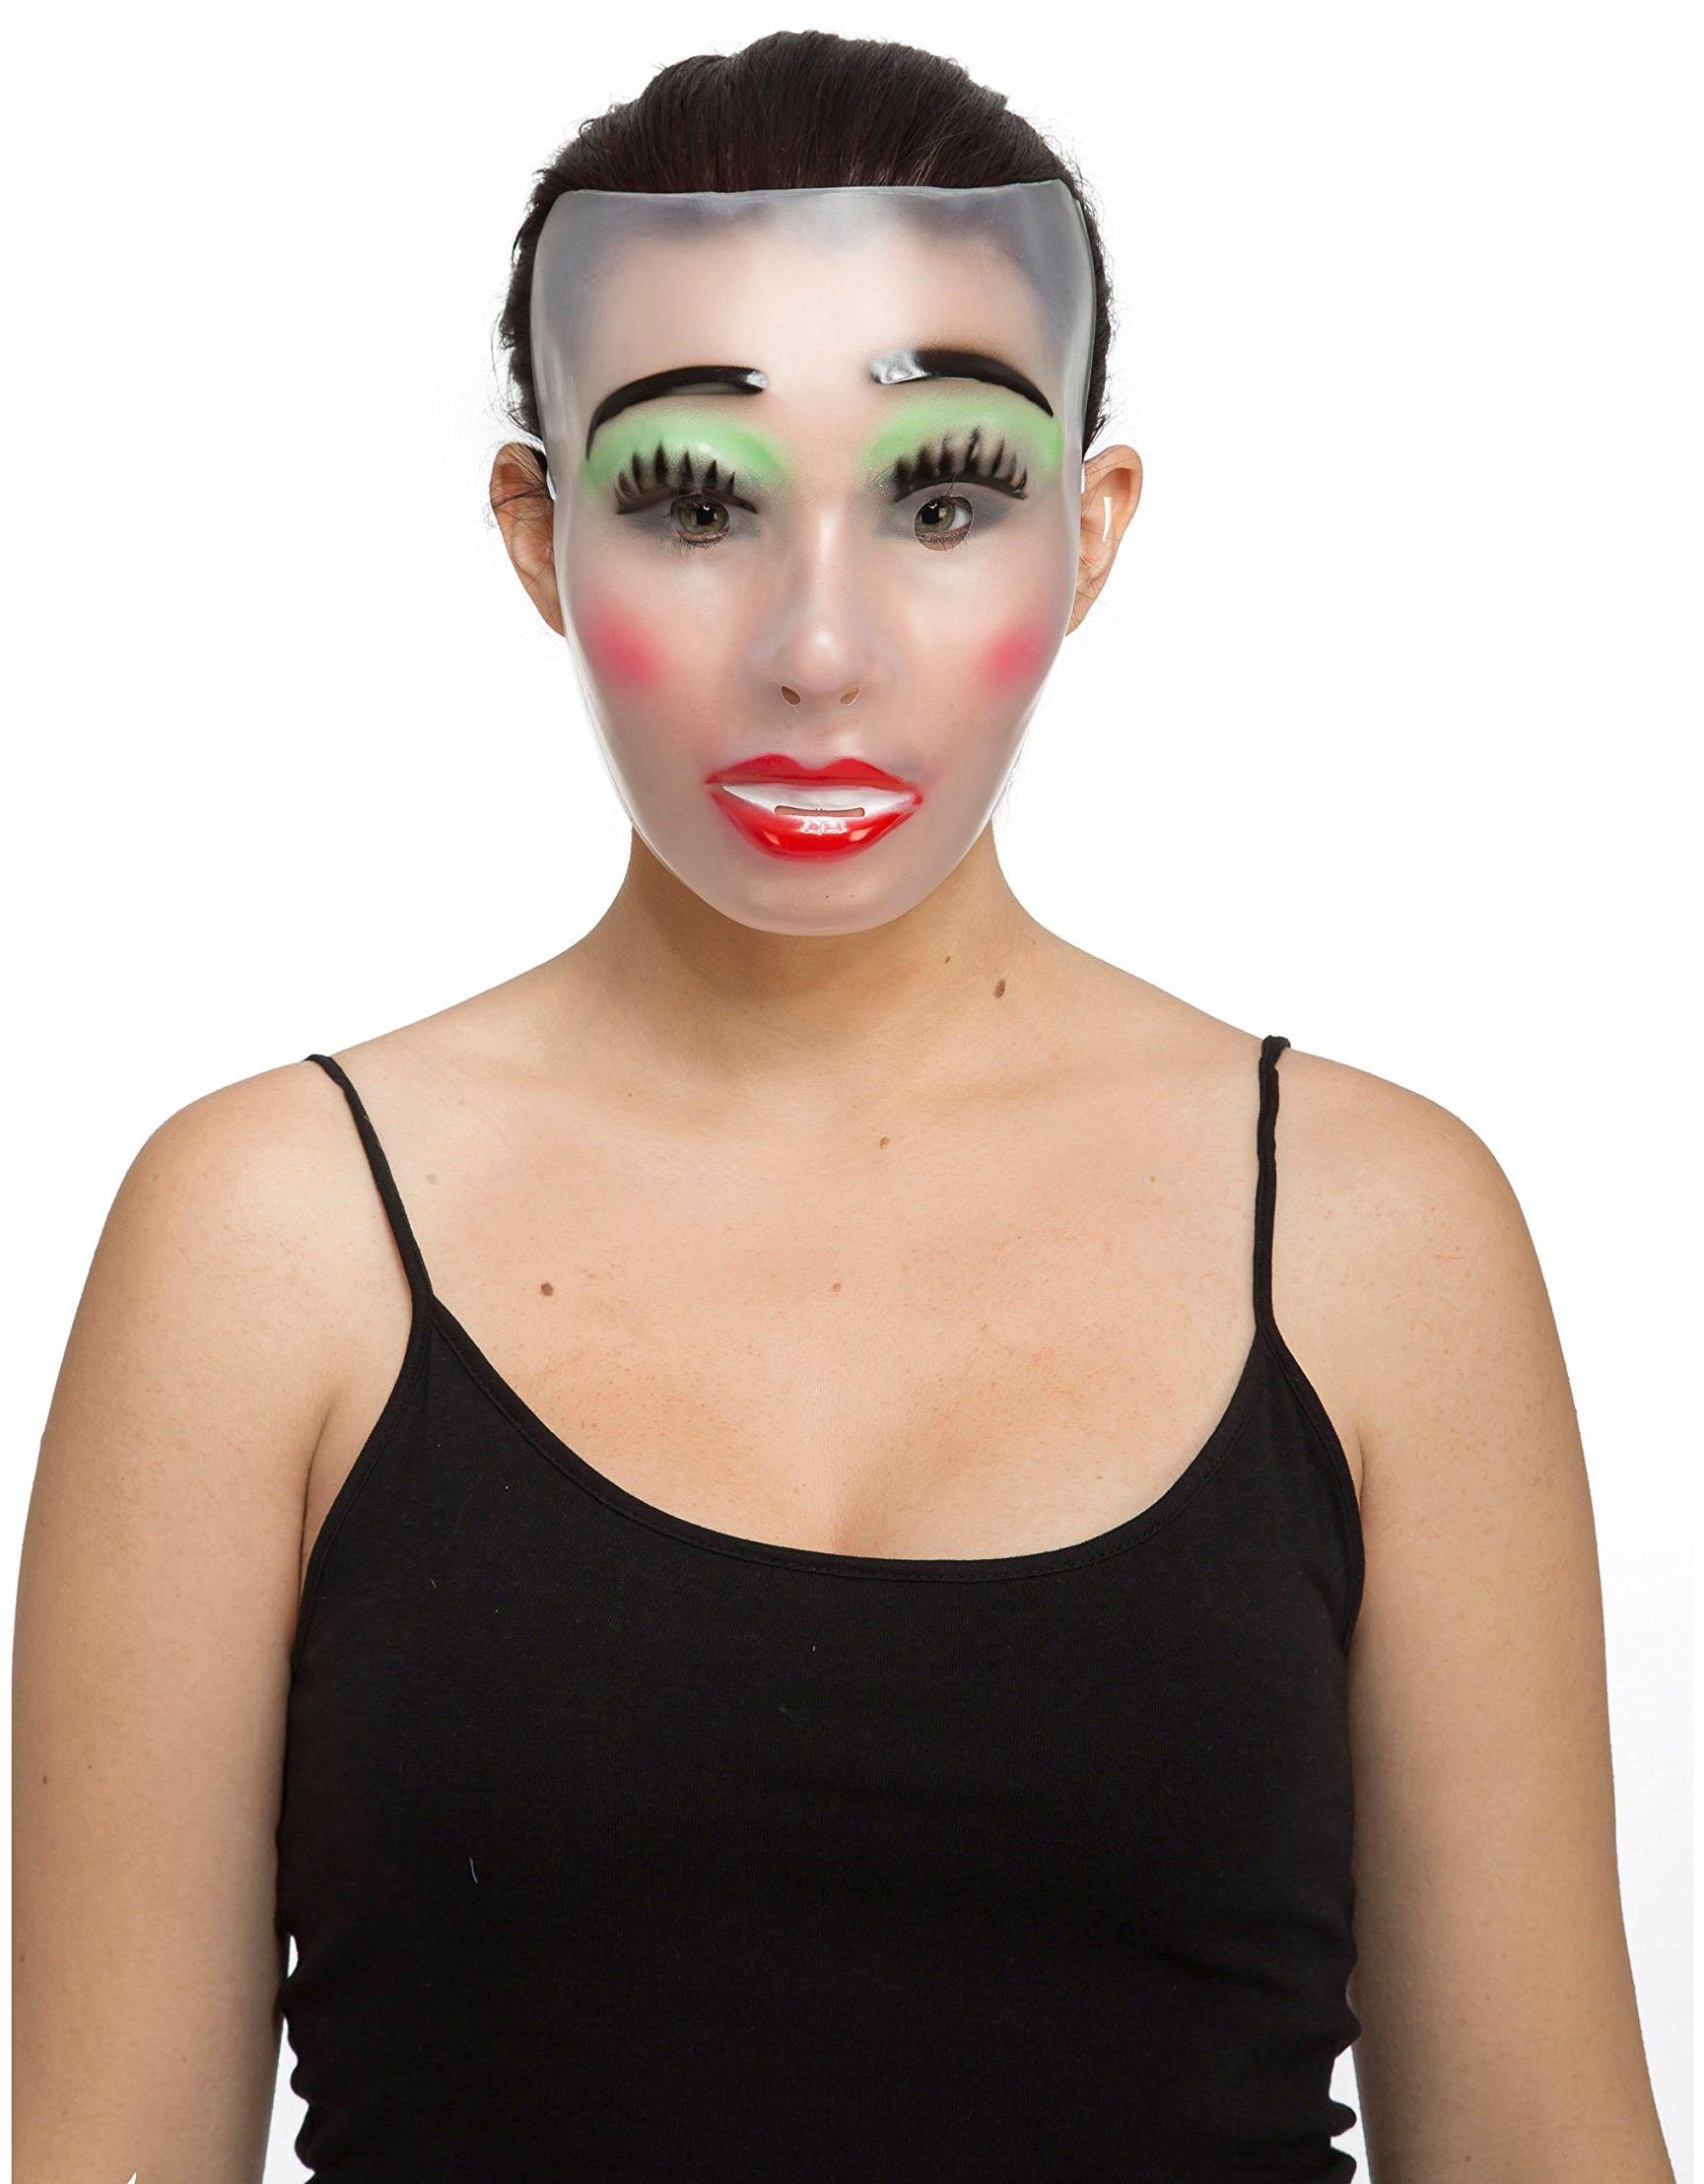 Viving Costumes 204566 przezroczysta maska damska, wielokolorowa, jeden rozmiar